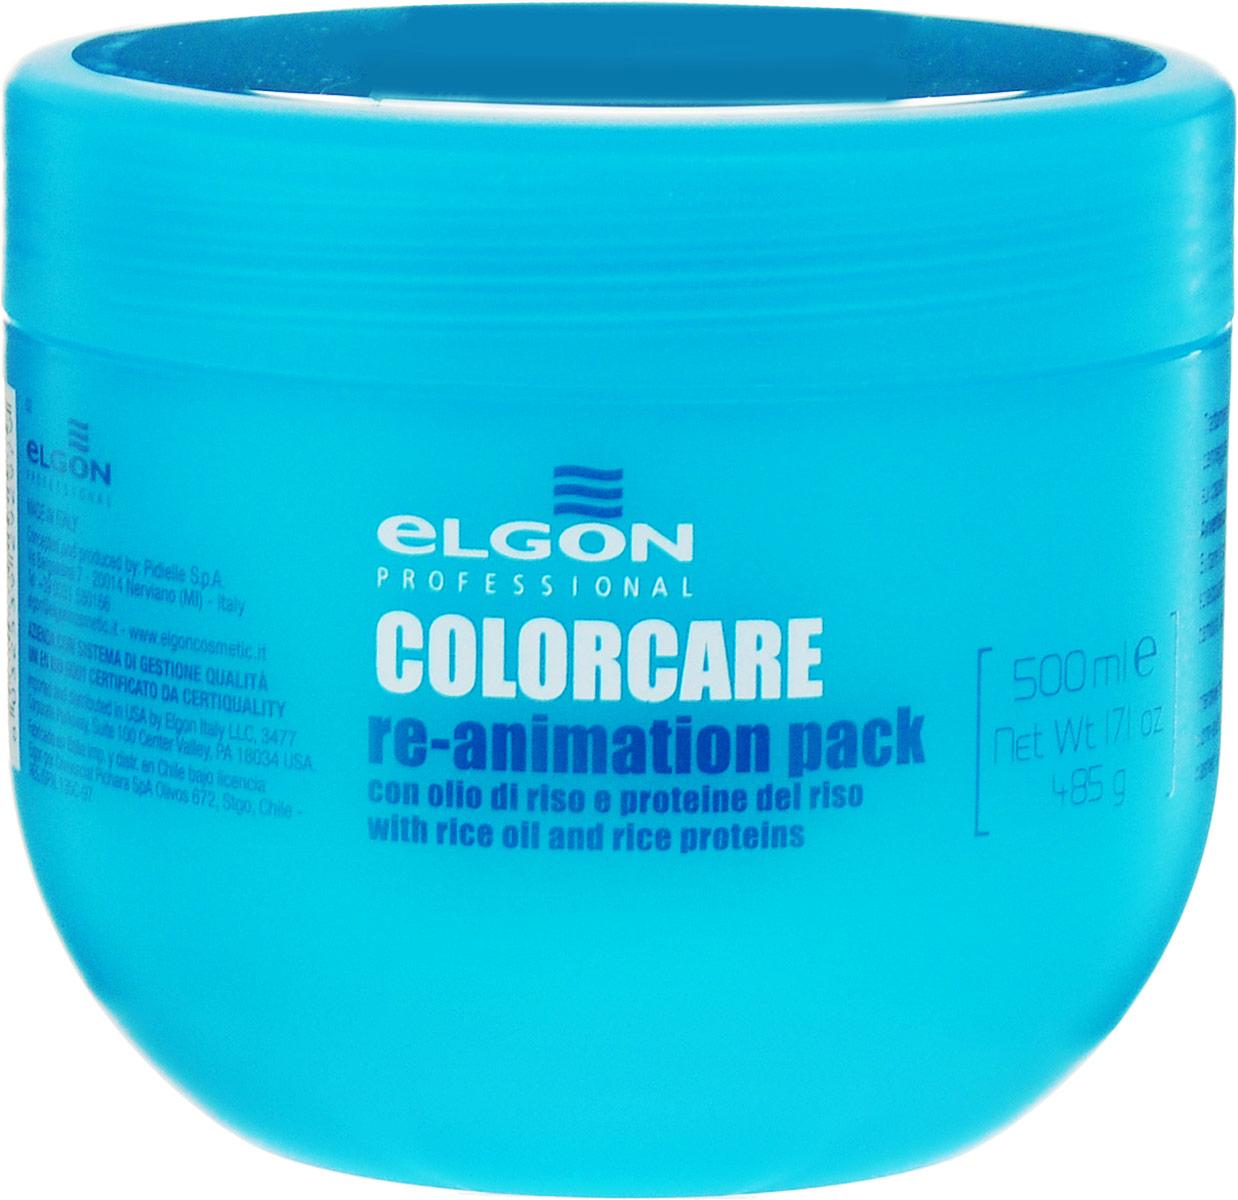 Elgon Color Care Маска востанавливающая для окрашенных и осветленных волос Re-Animation Pack, 500 мл1007020500Маска-кондиционер Elgon Re-Animation Pac предназначено для химически обработанных (окрашенных, осветленных и поврежденных) волос. Рисовые протеины и масло надстраивают структуру поврежденных волос, питают и увлажняют волосы, устраняя эффекты сухости и пористости. Маска придает волосам блеск, увеличивает стойкость цвета, облегчает расчесывание. Делает волосы эластичными, упругими. Защищает от механического повреждения, препятствует появлению секущихся кончиков.Товар сертифицирован.